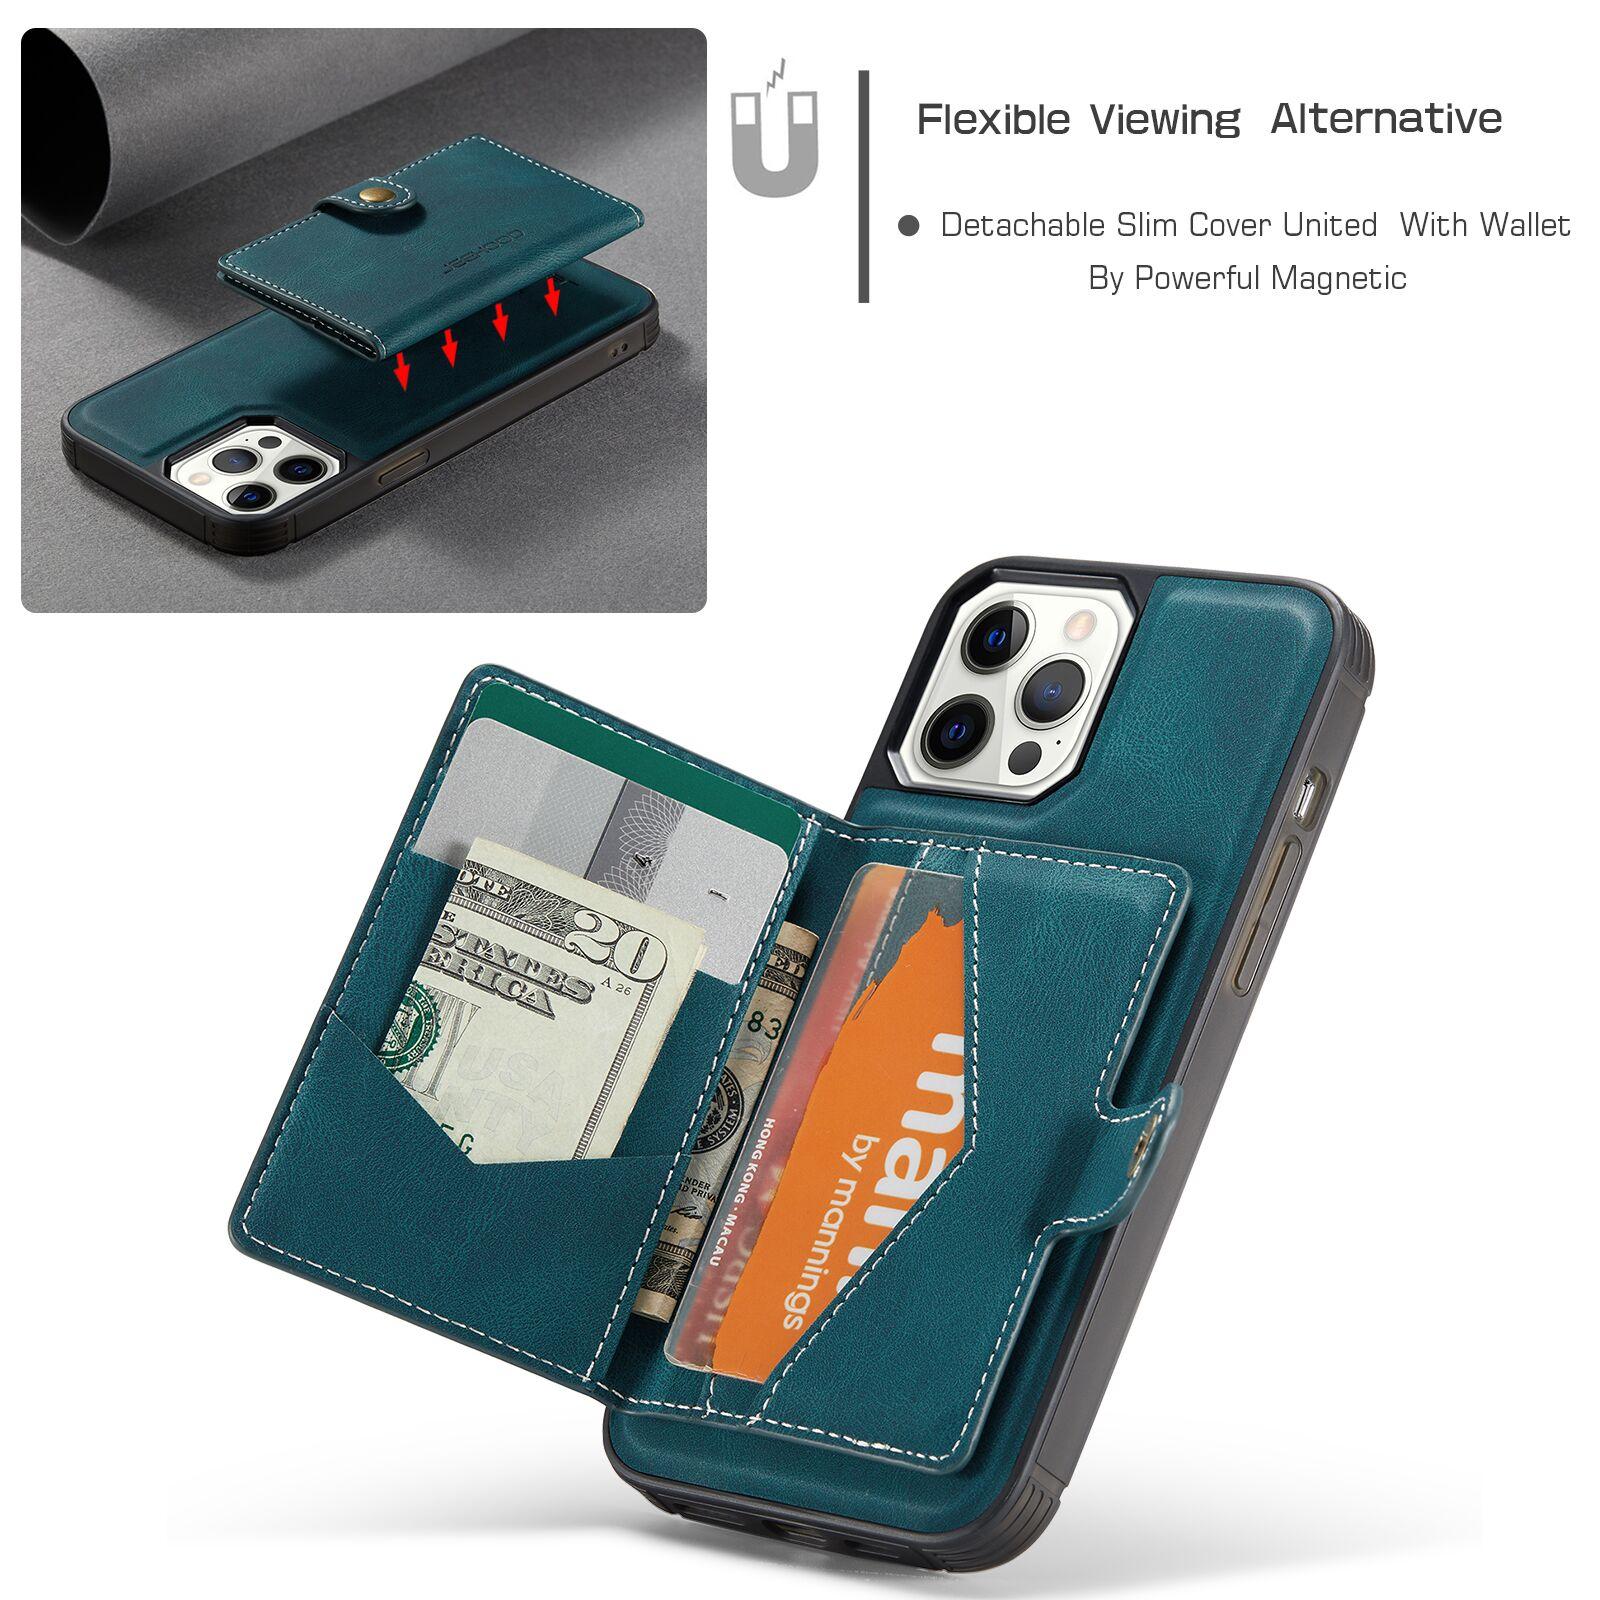 H5d29ba9ee52a4c149dc024e4552cbaaeb Capinha case Capa traseira para o iphone 12 11 pro max xs xr x se 2020 8 7 plus caso do telefone com suporte de cartão de couro magnético destacável carteira saco